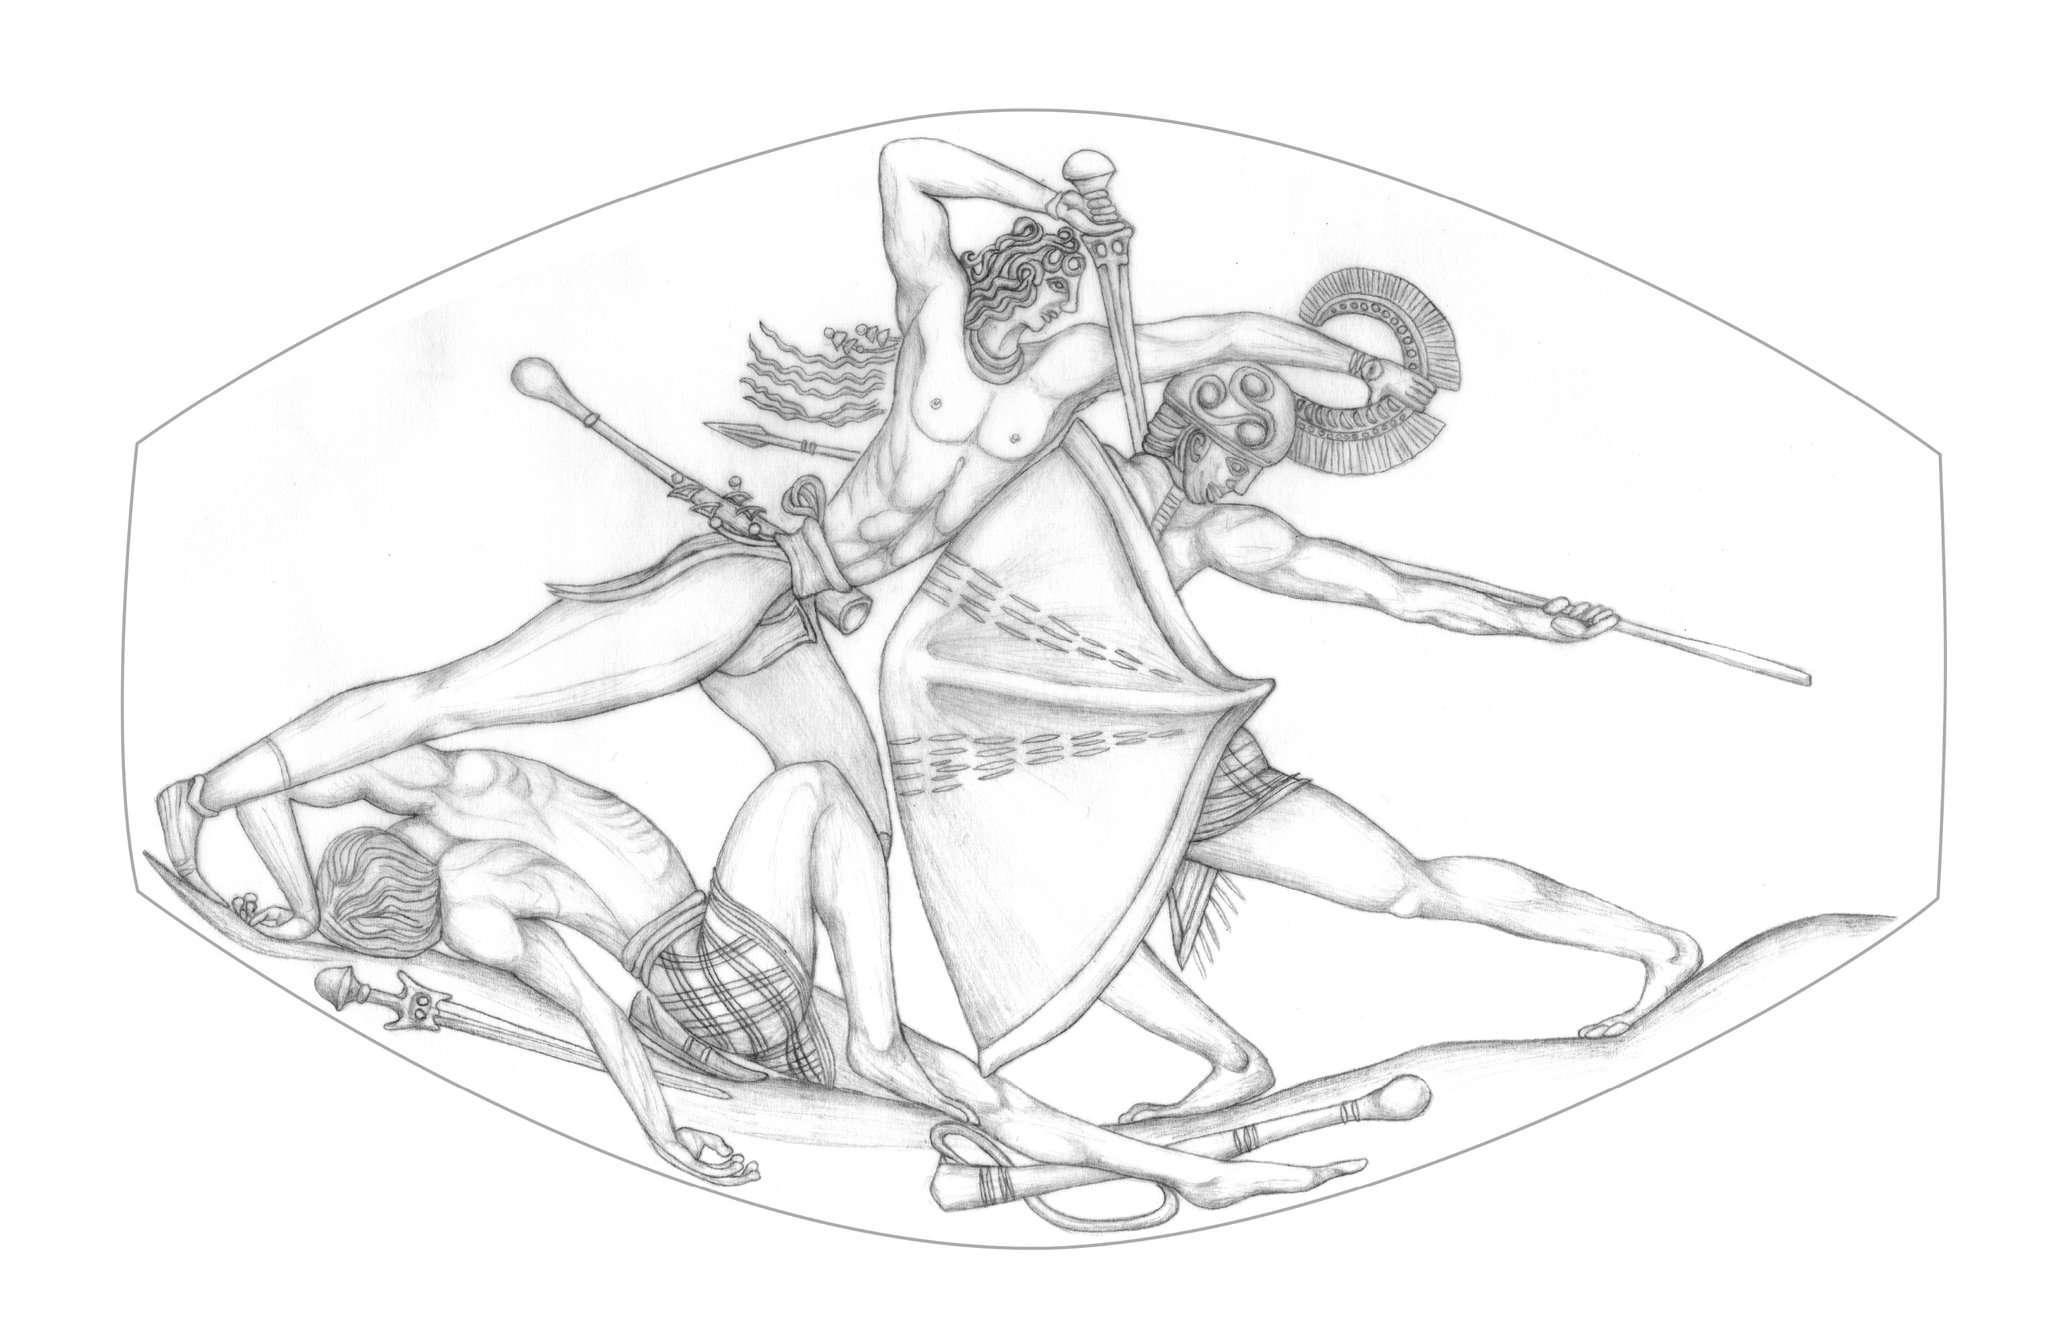 Σχέδιο της εικόνας που απεικονίζεται στον σφραγιδόλιθο.